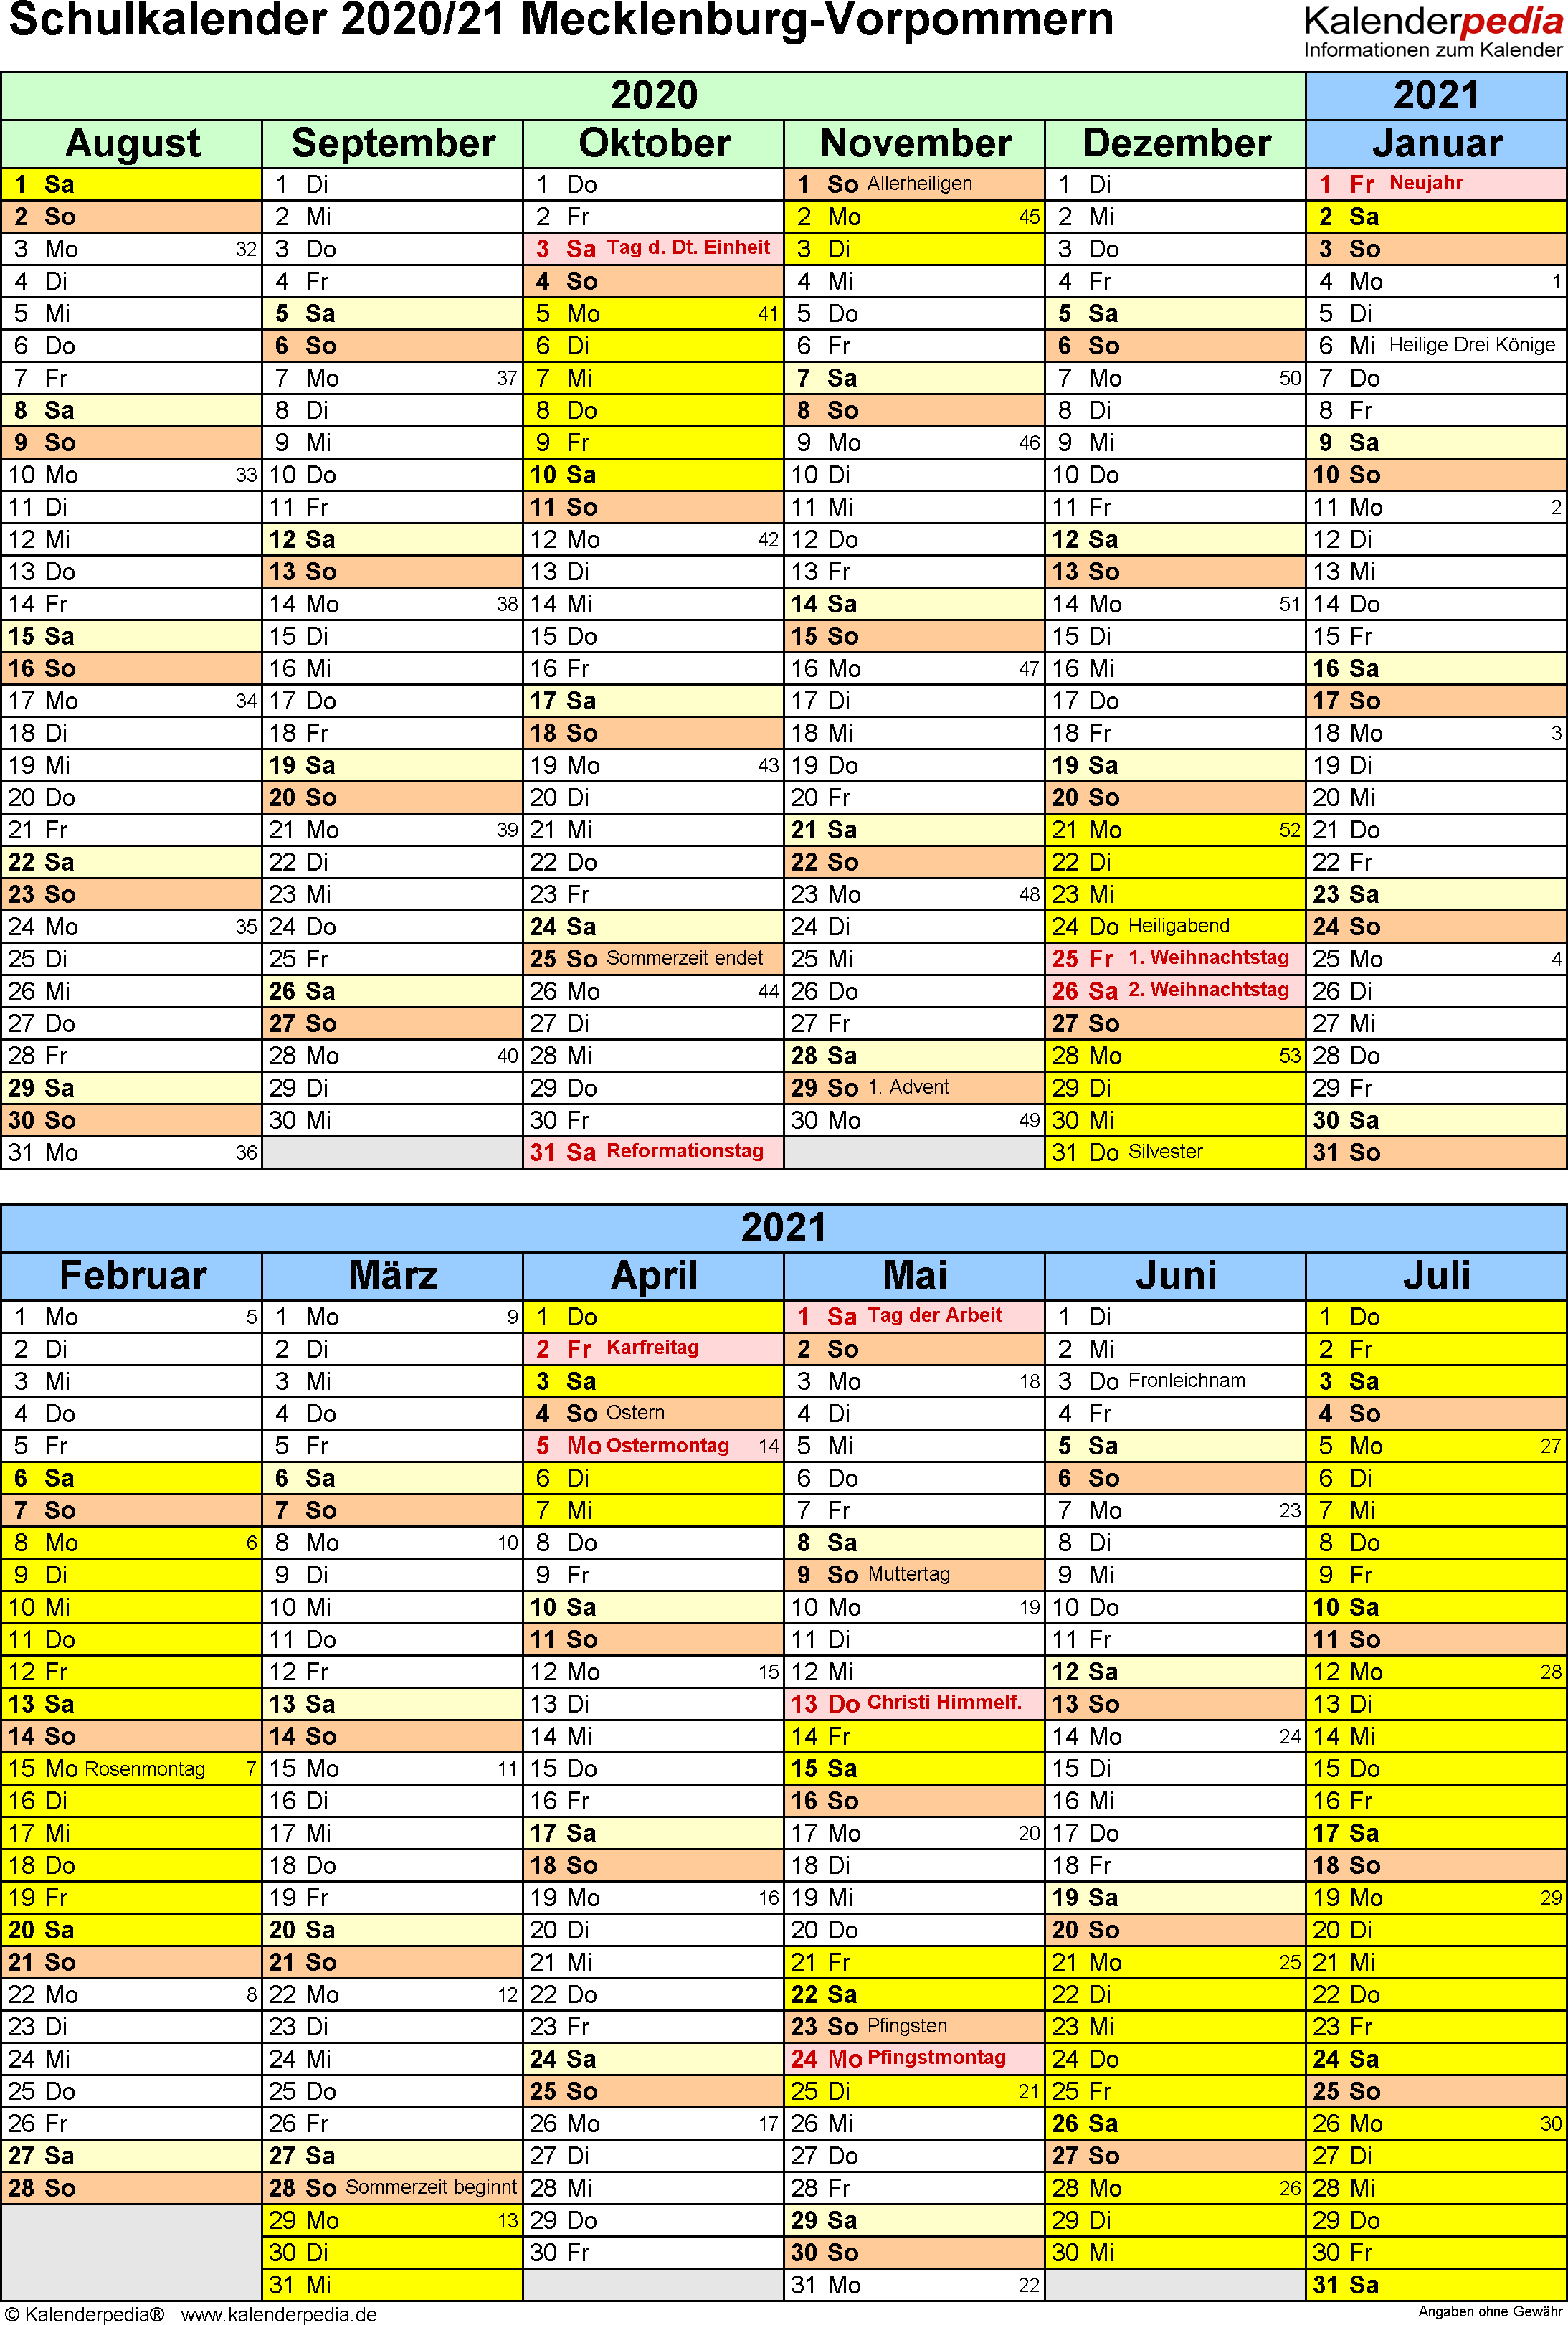 Schulkalender 2020/2021 Mecklenburg-Vorpommern für Excel